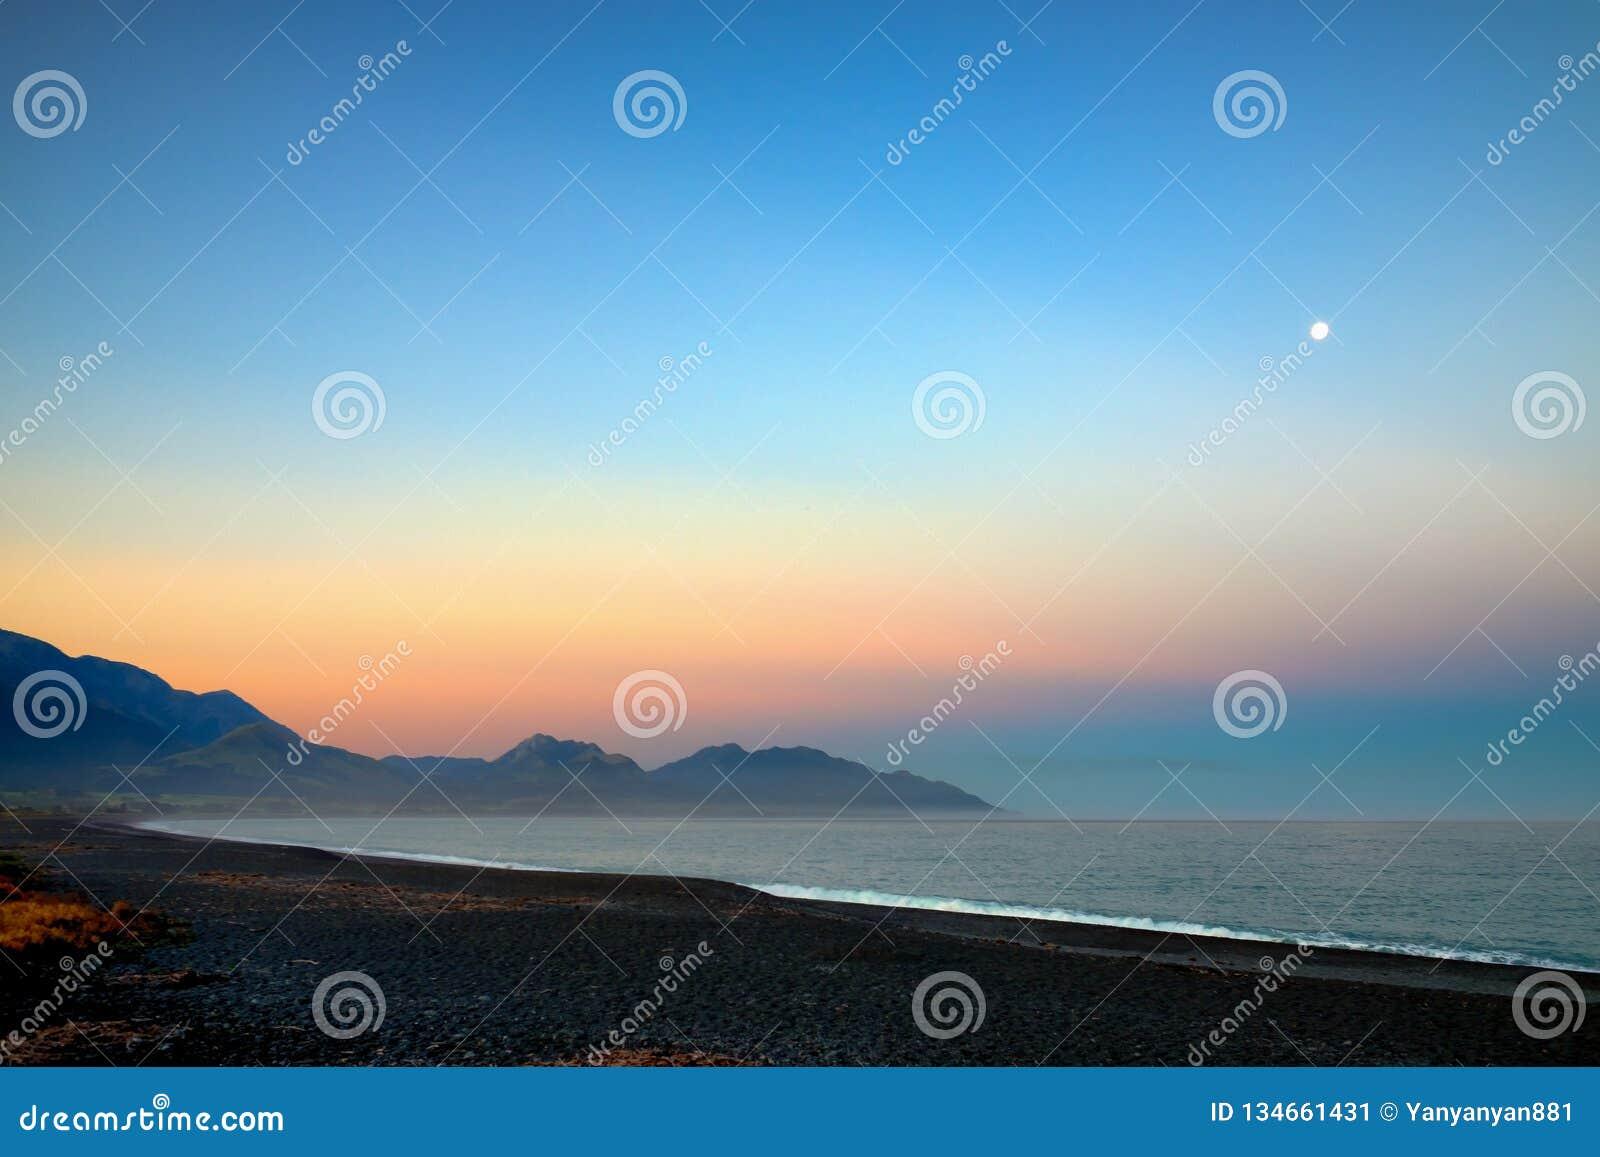 Una spiaggia strabiliante Ciò era Kaikoura contenuto, Nuova Zelanda Era primo mattino ed il sol levante splende un arancia dorata